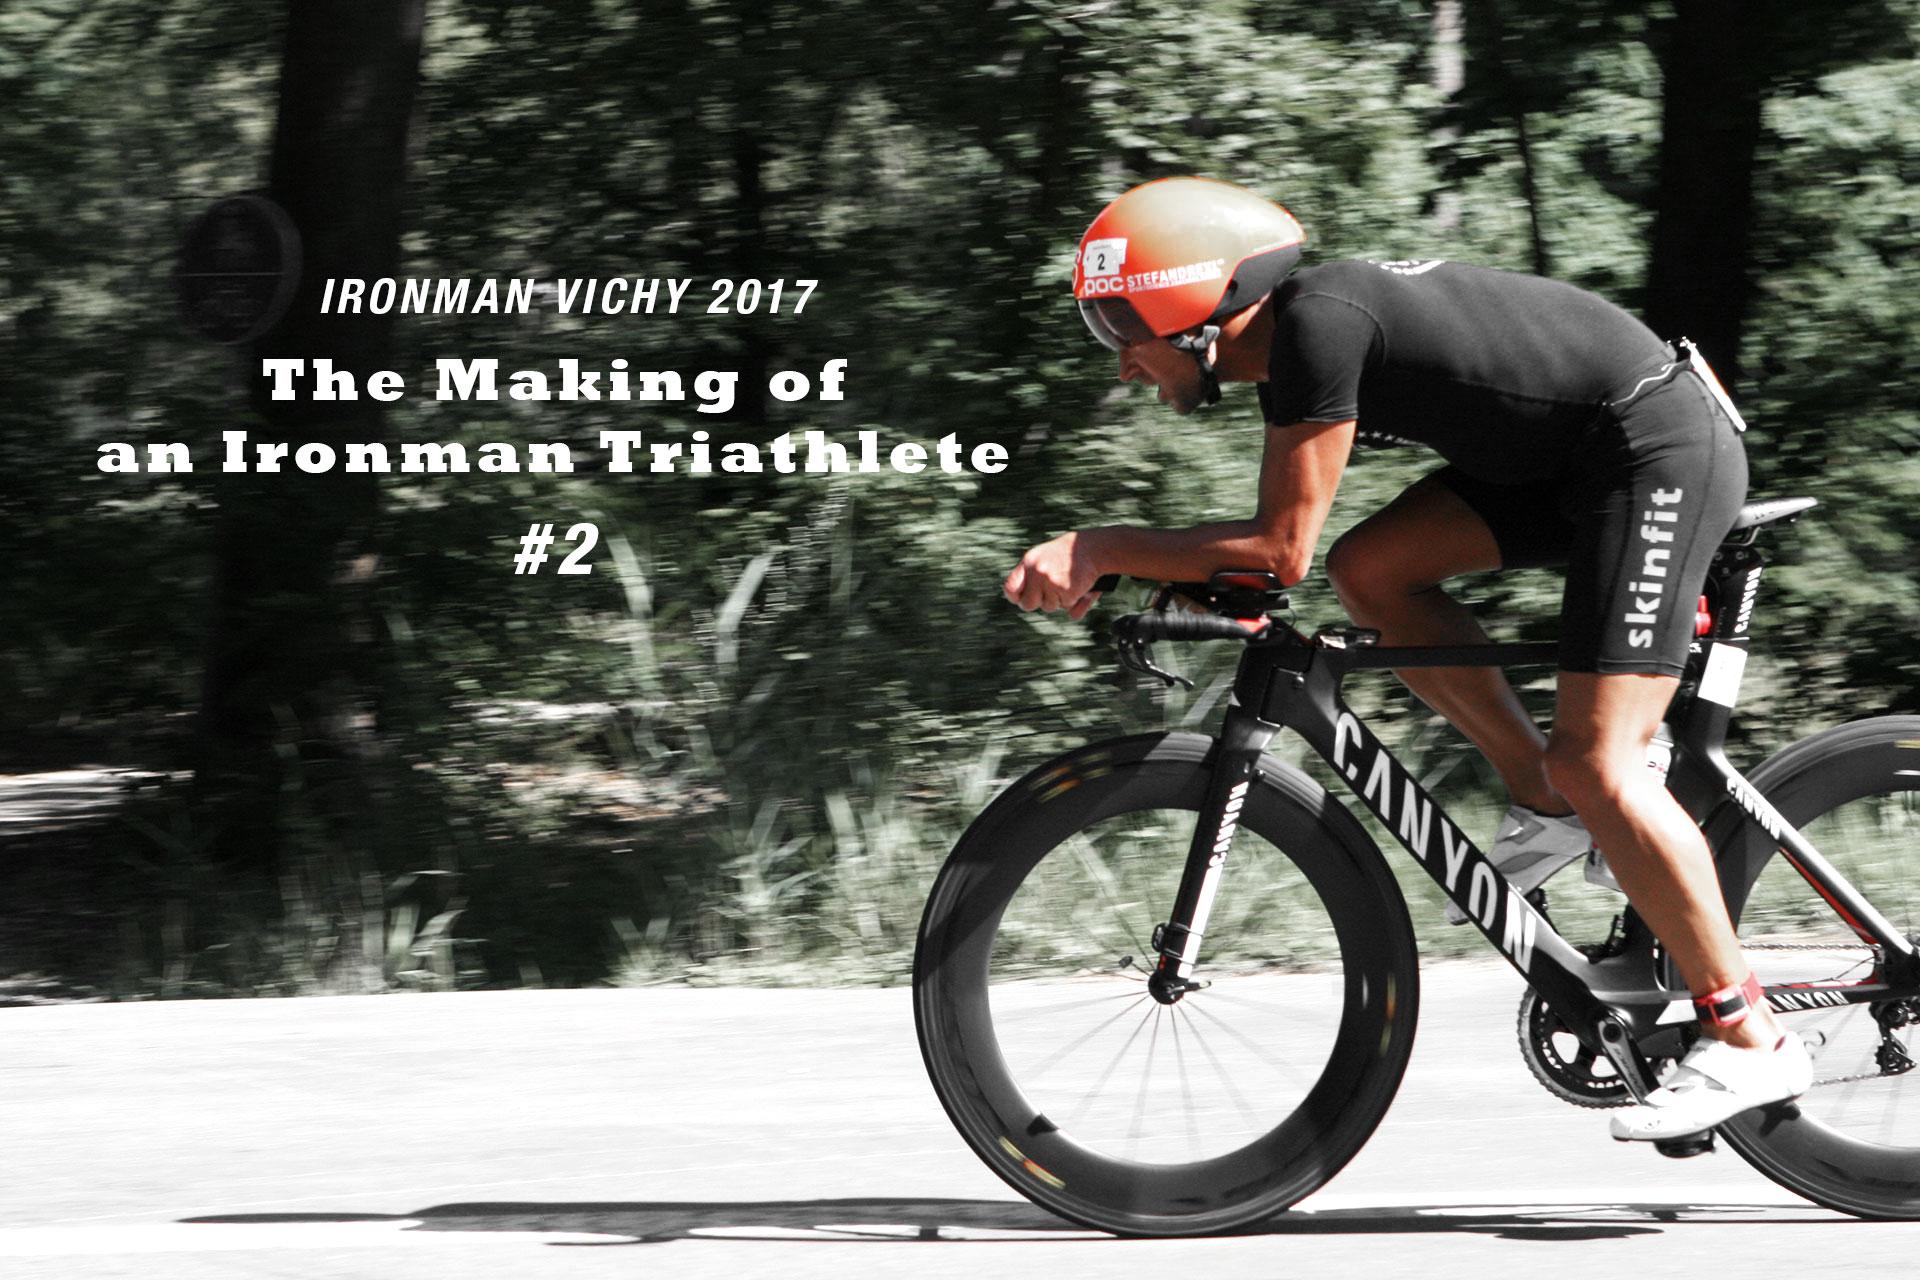 IRONMAN VICHY 2017 The Making of an Ironman Triathlete #2 / Über den heissen Asphalt in Forst beim Triathlon Heidesee 2017 © Kerstin Drexl